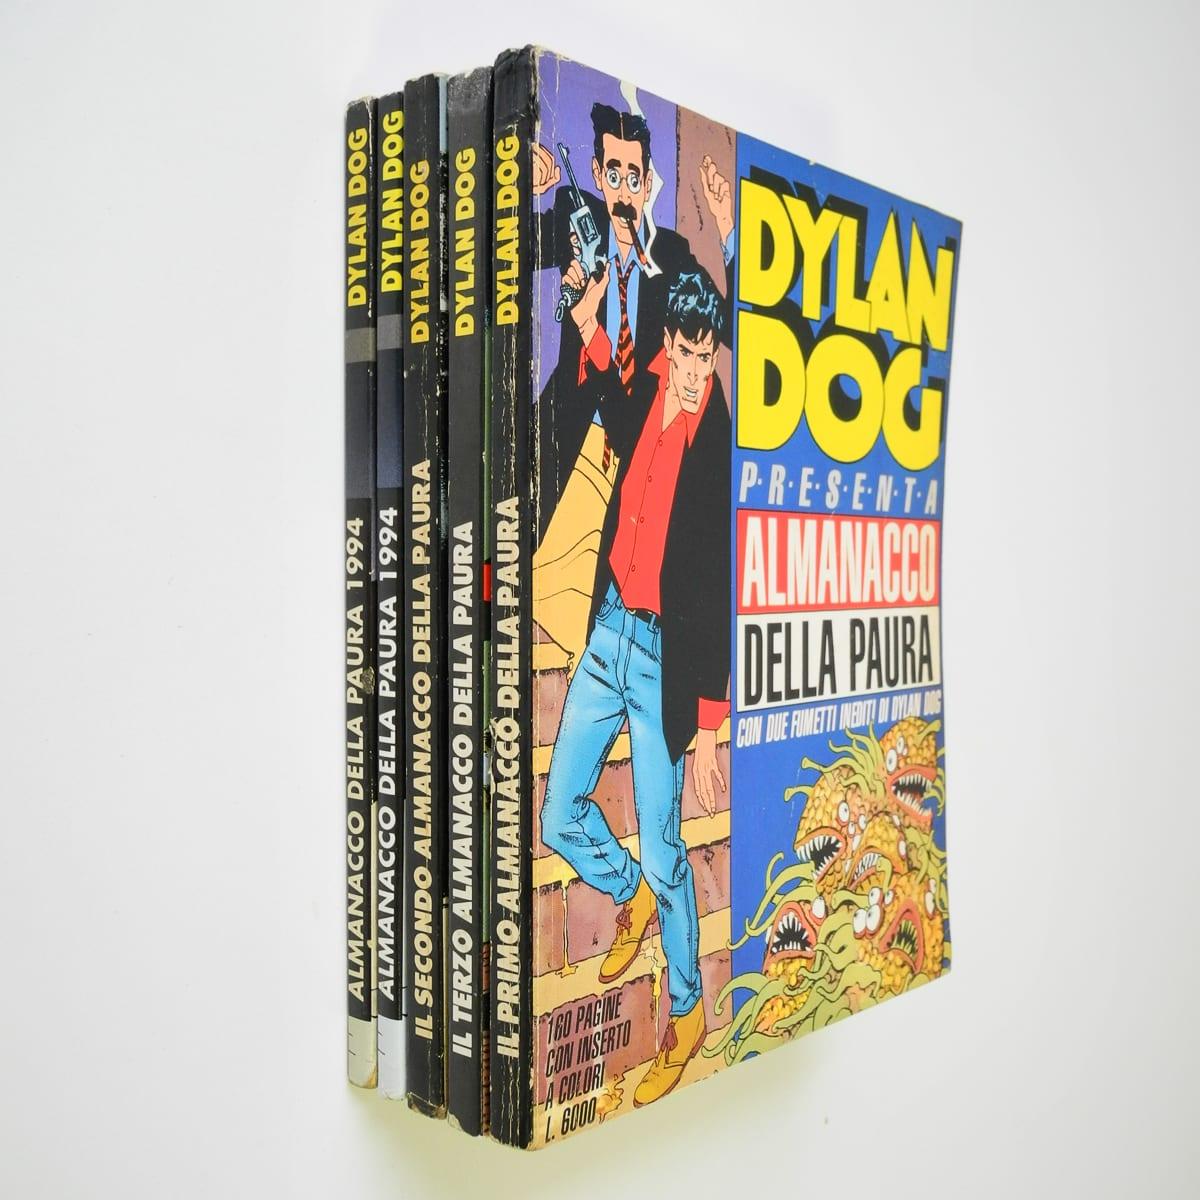 Dylan Dog Almanacco della paura 1991/94 lotto